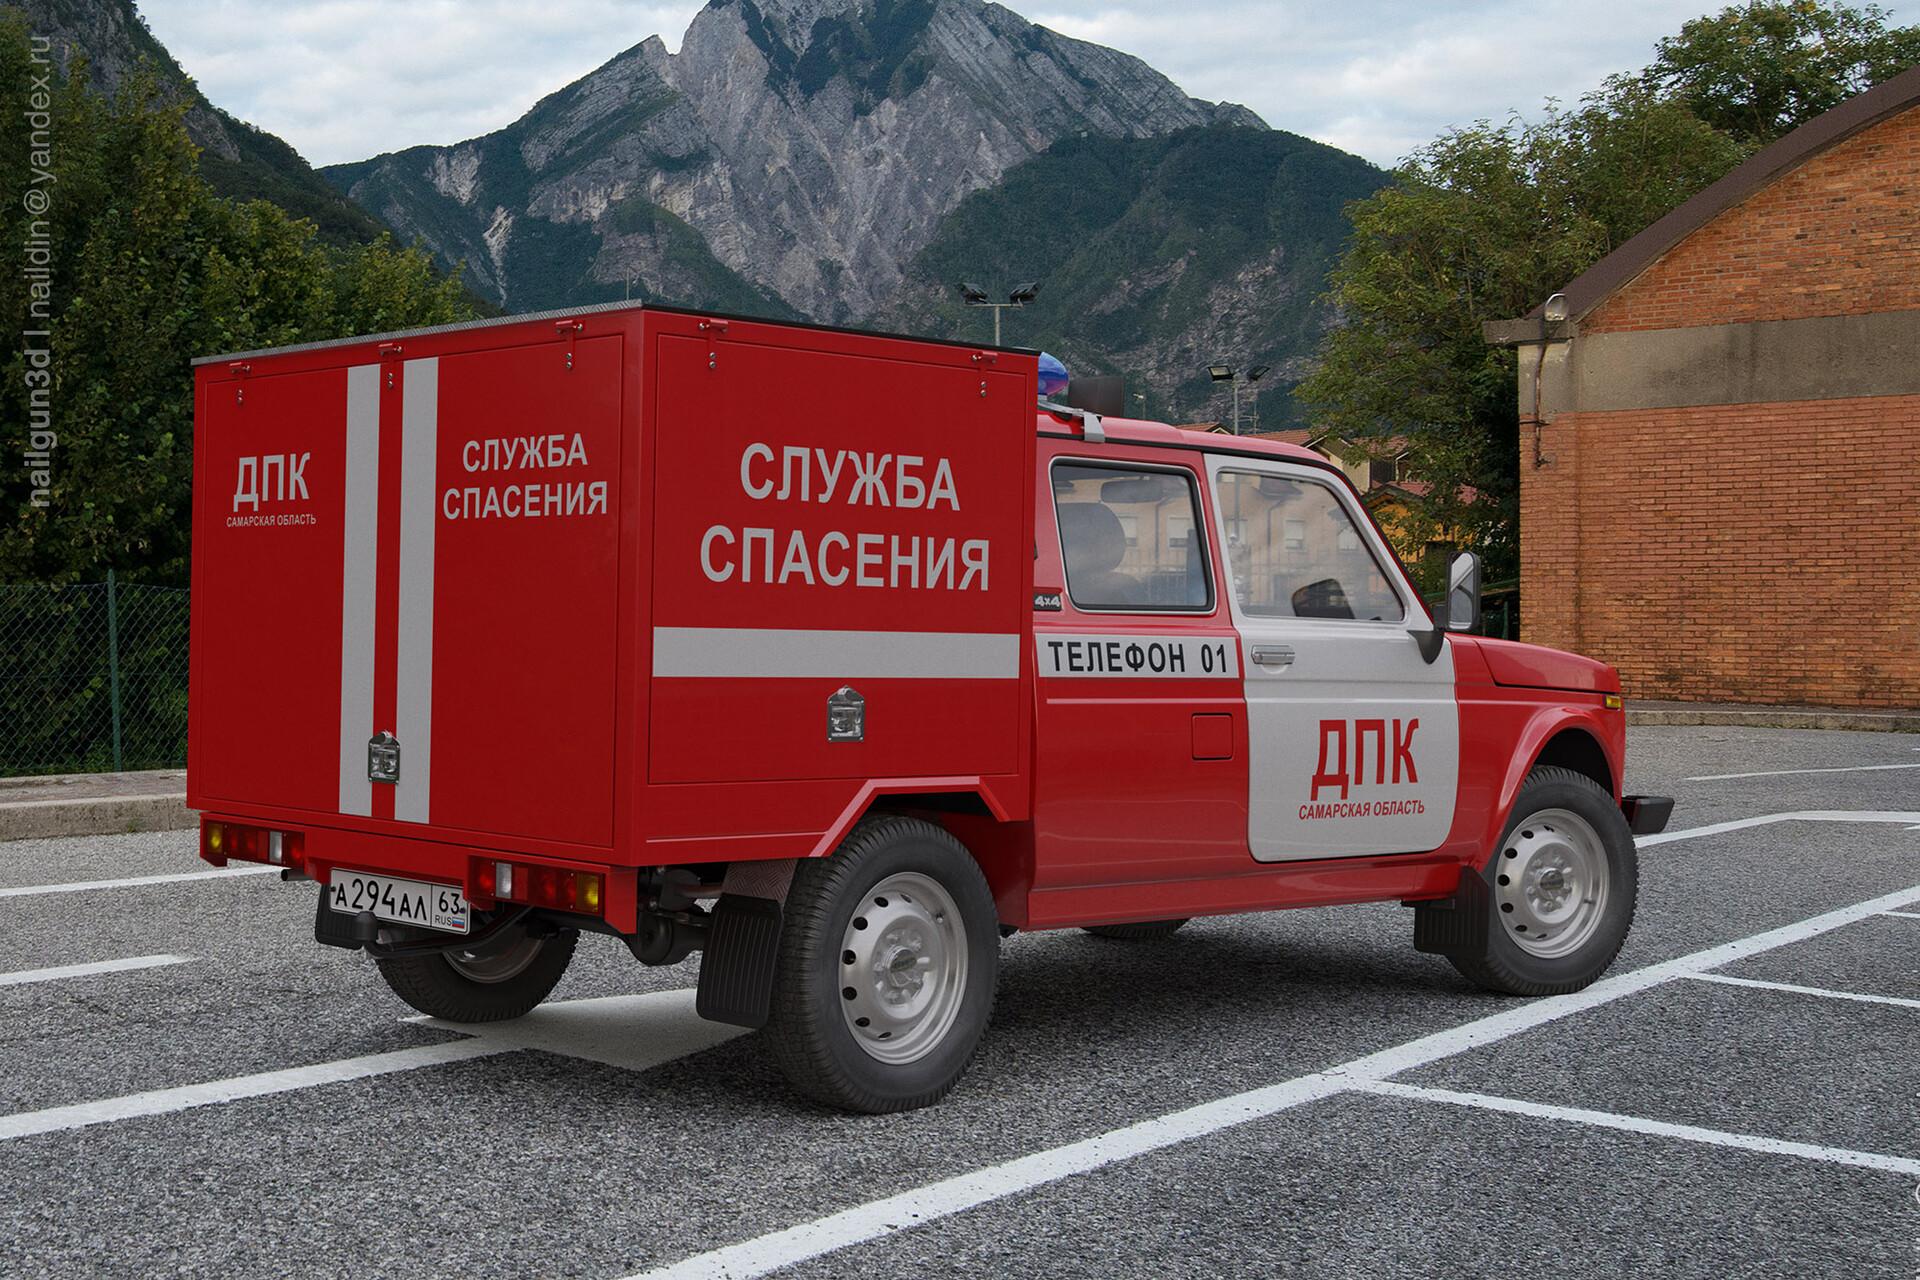 Nail khusnutdinov als 253 010 vis 234611 rear view 3x